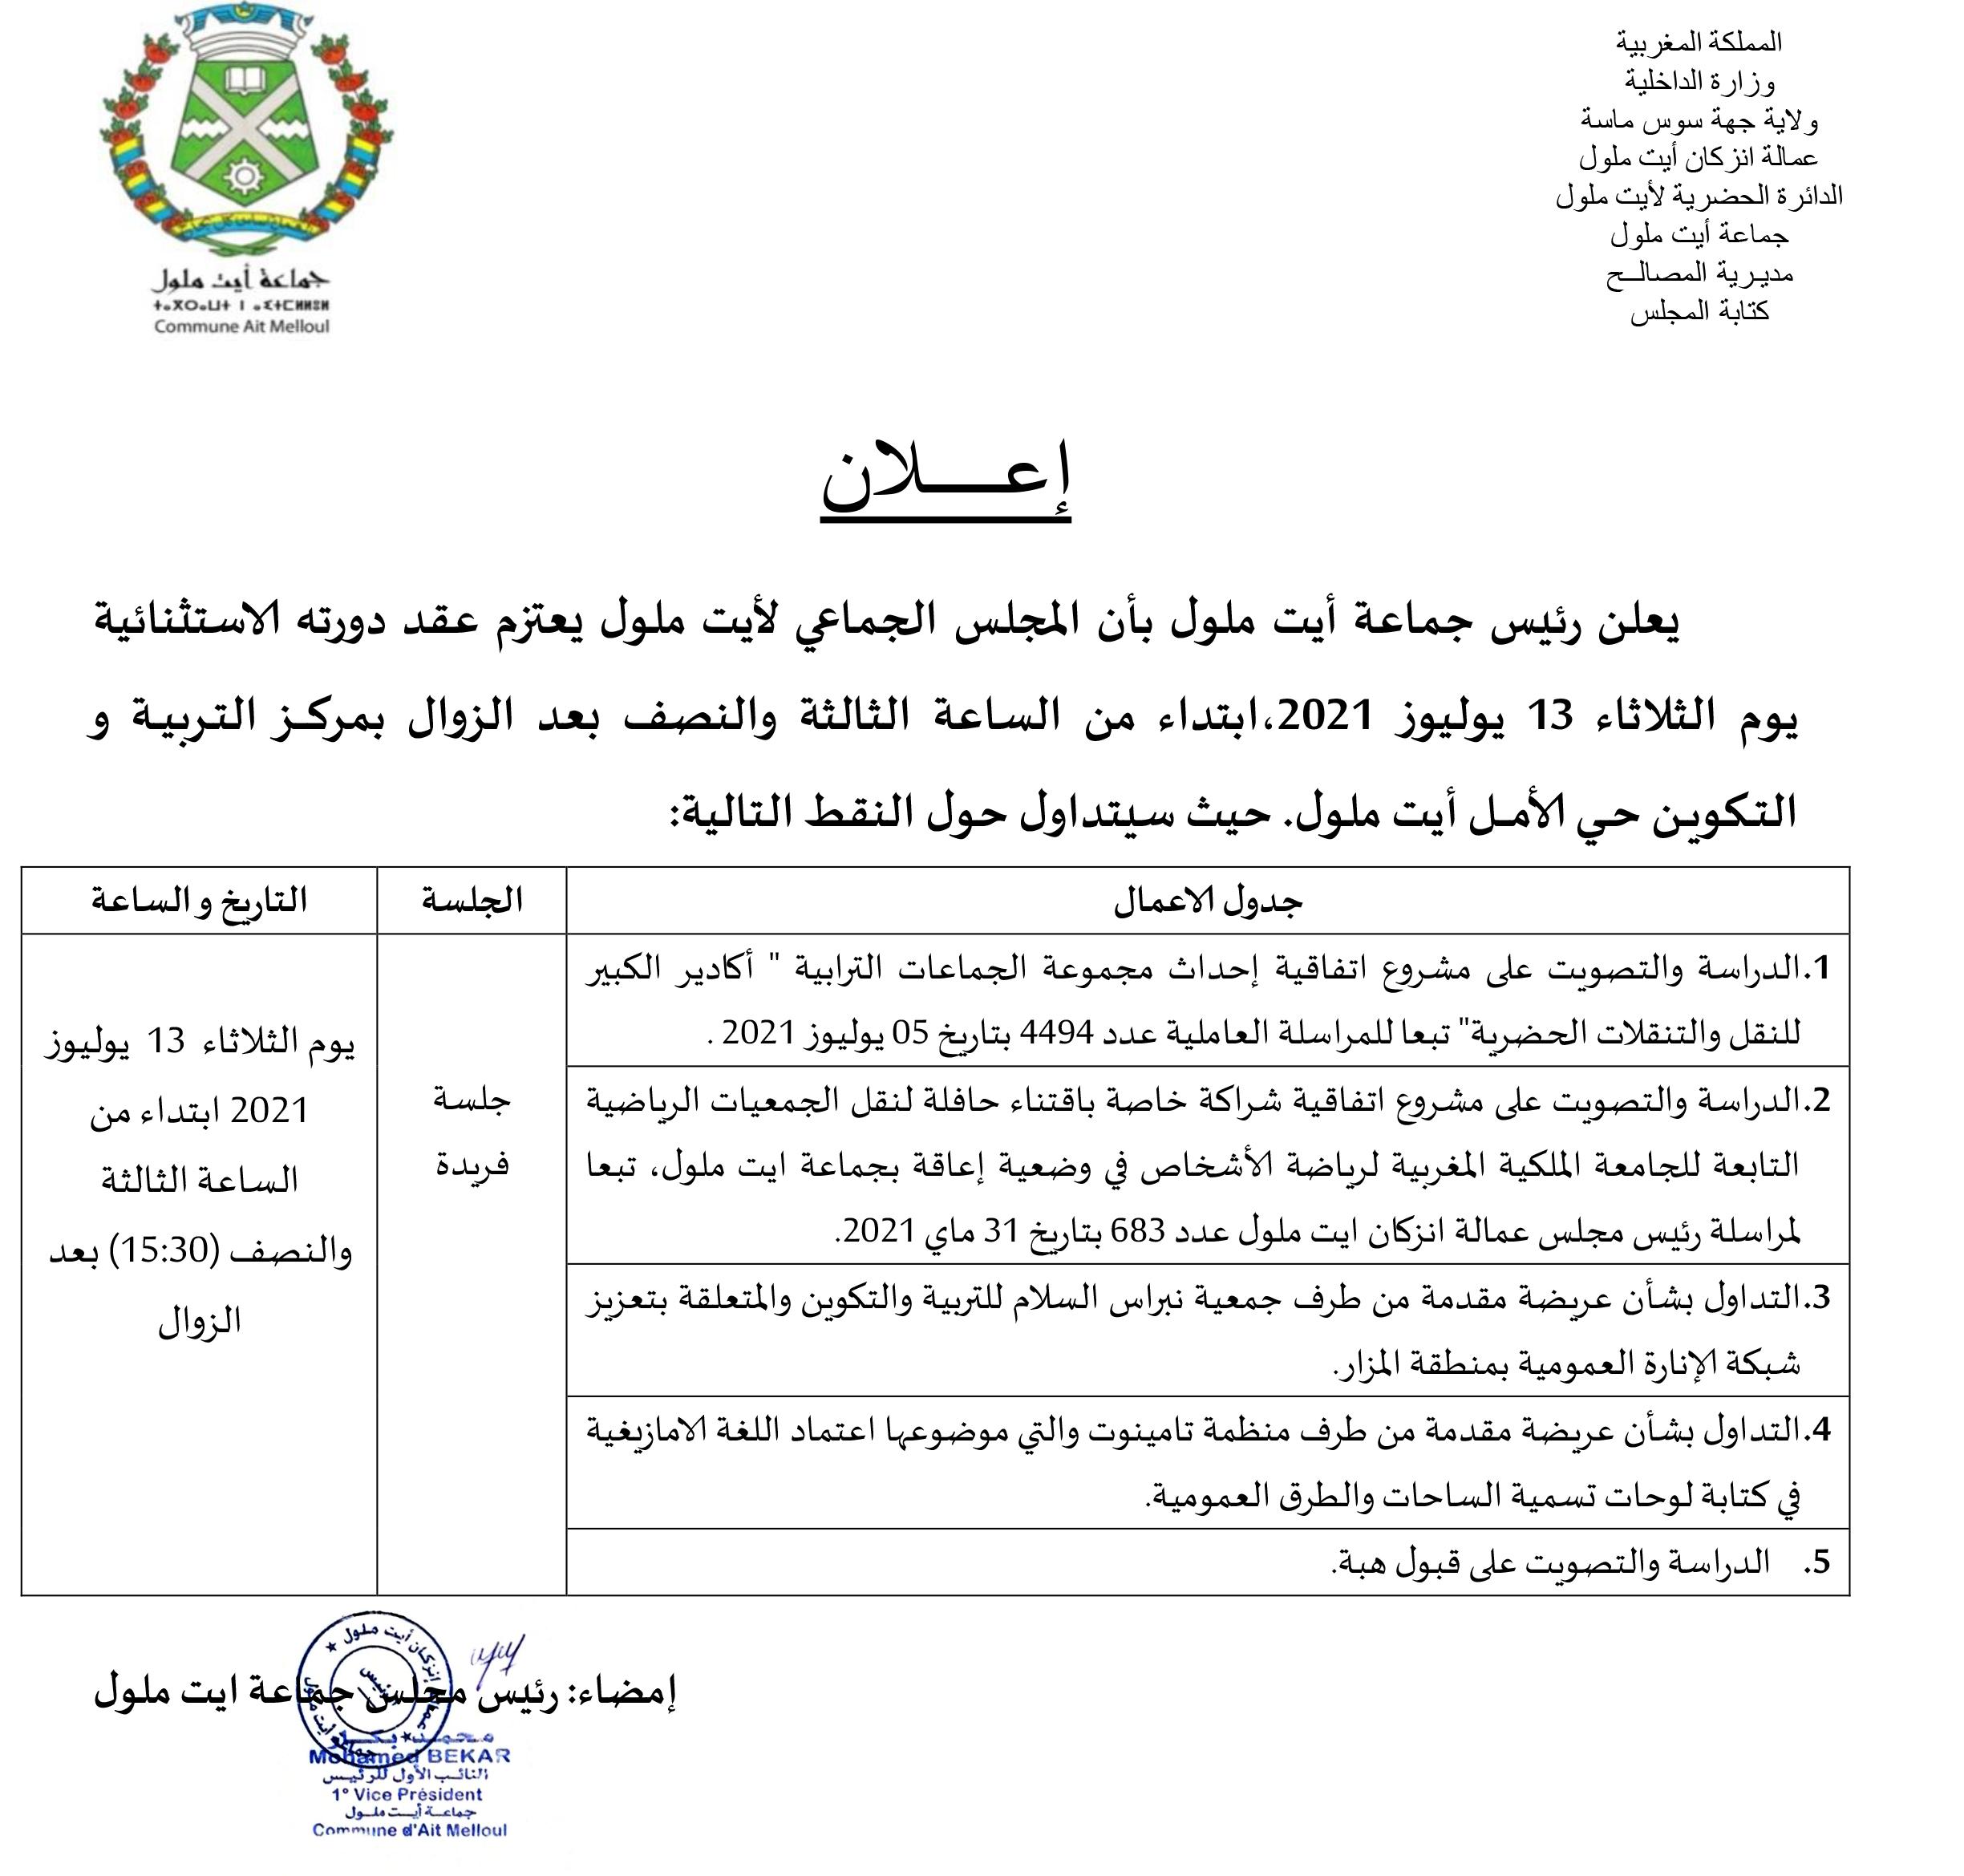 إعلان - المجلس يعقد دورته الاستثنائية يوم الثلاثاء 13 يوليوز 2021